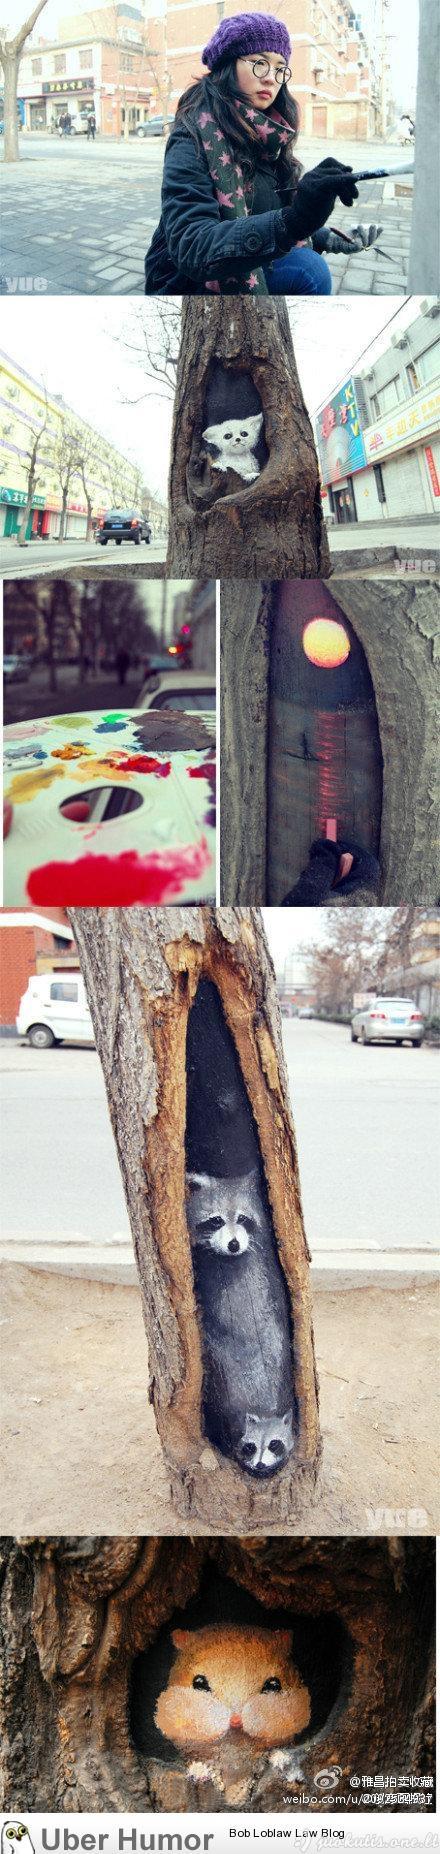 Medžių drėvių paveikslai